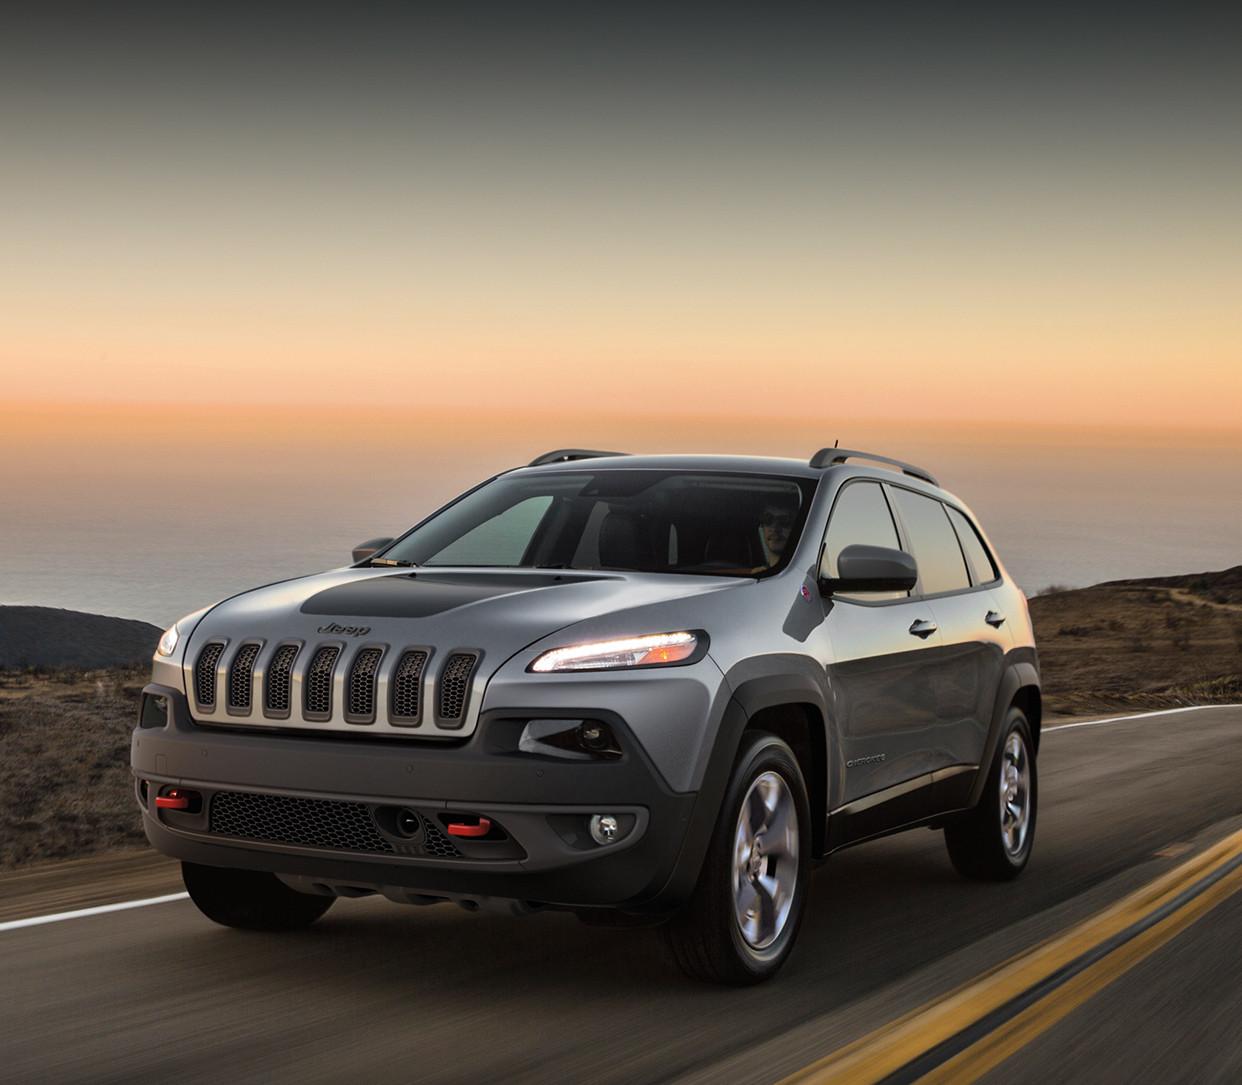 2018 Jeep Cherokee 4x4